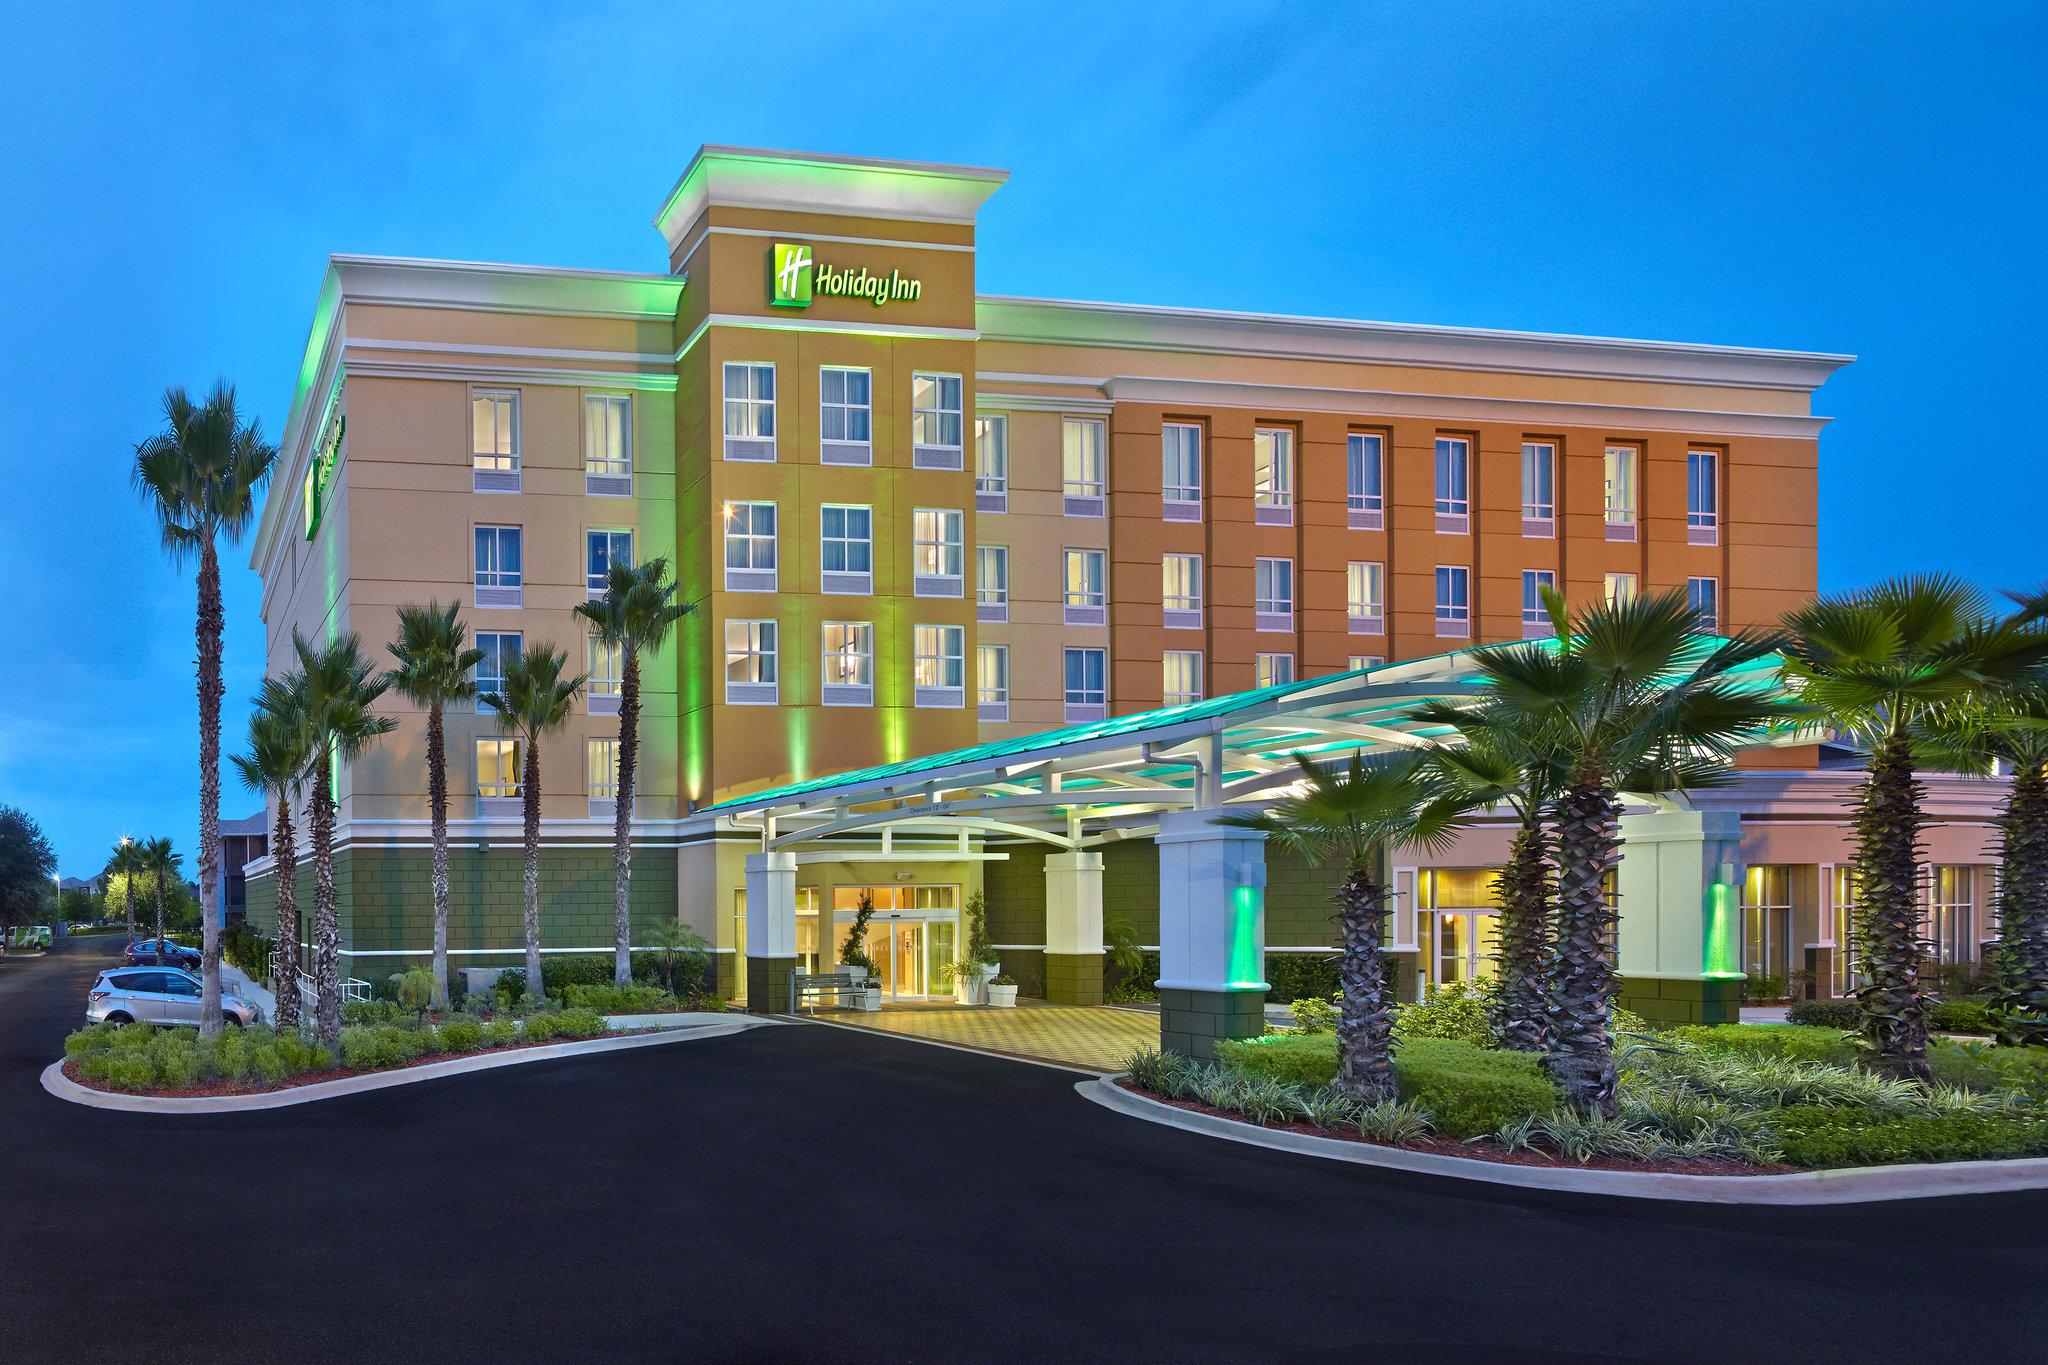 Holiday Inn Baymeadows